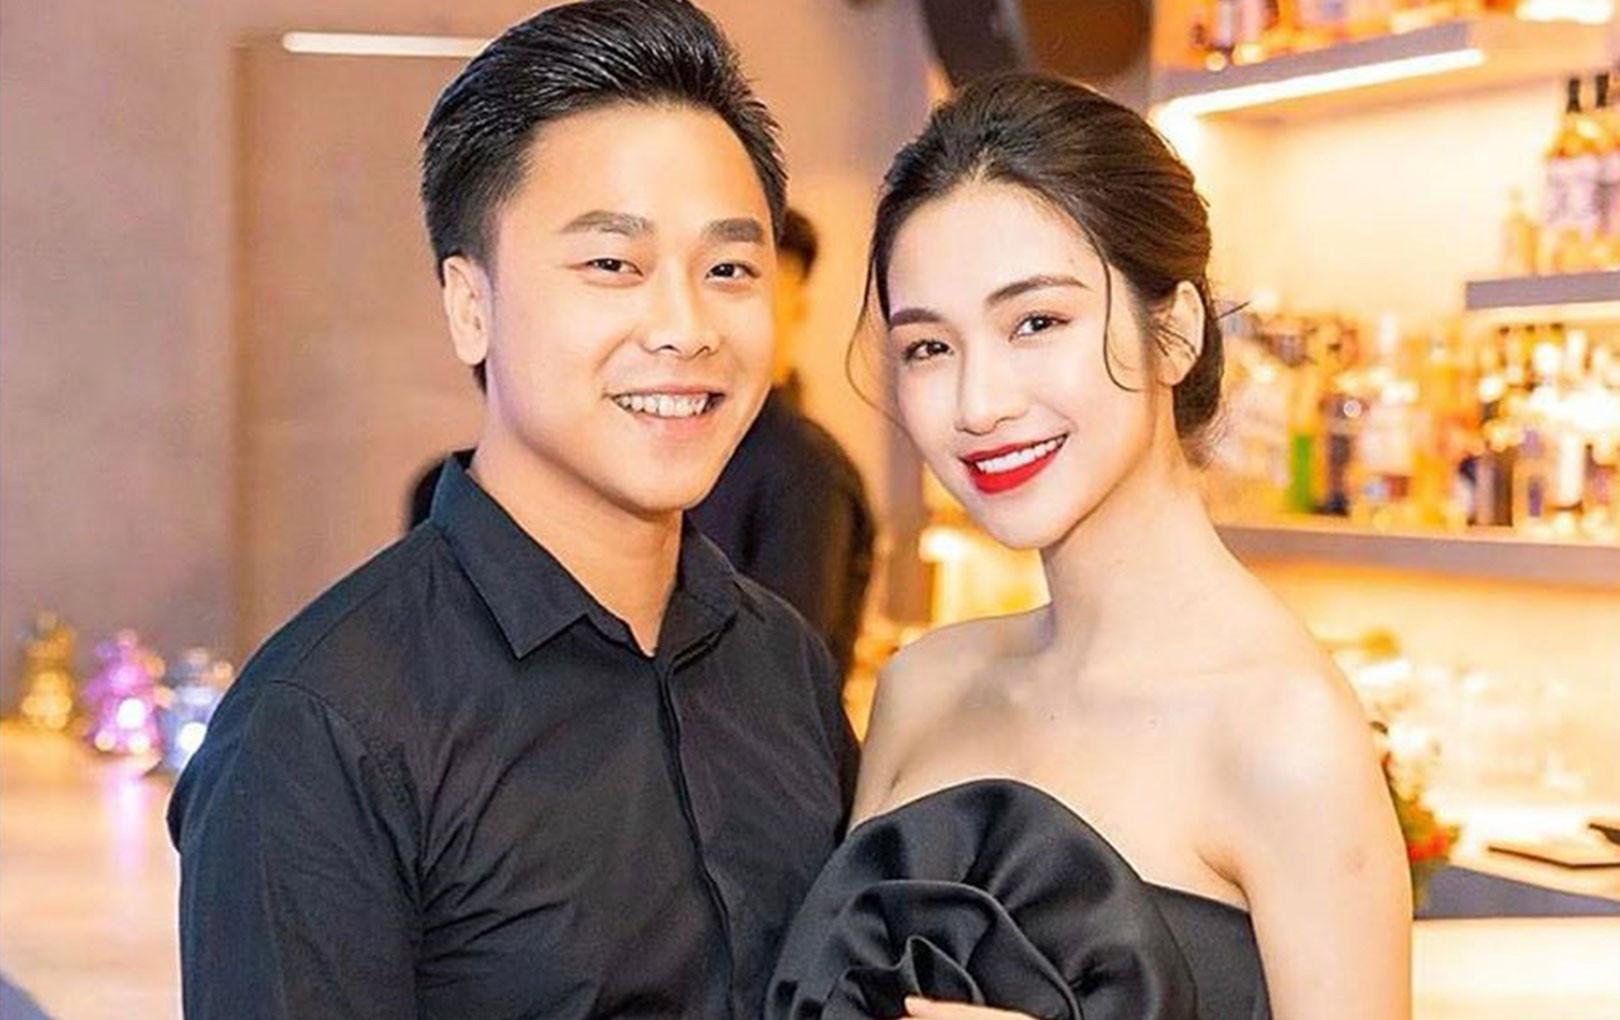 Hòa Minzy ghen tuông ra mặt khi bạn trai đại gia bày tỏ quan tâm nữ diễn viên trẻ đẹp